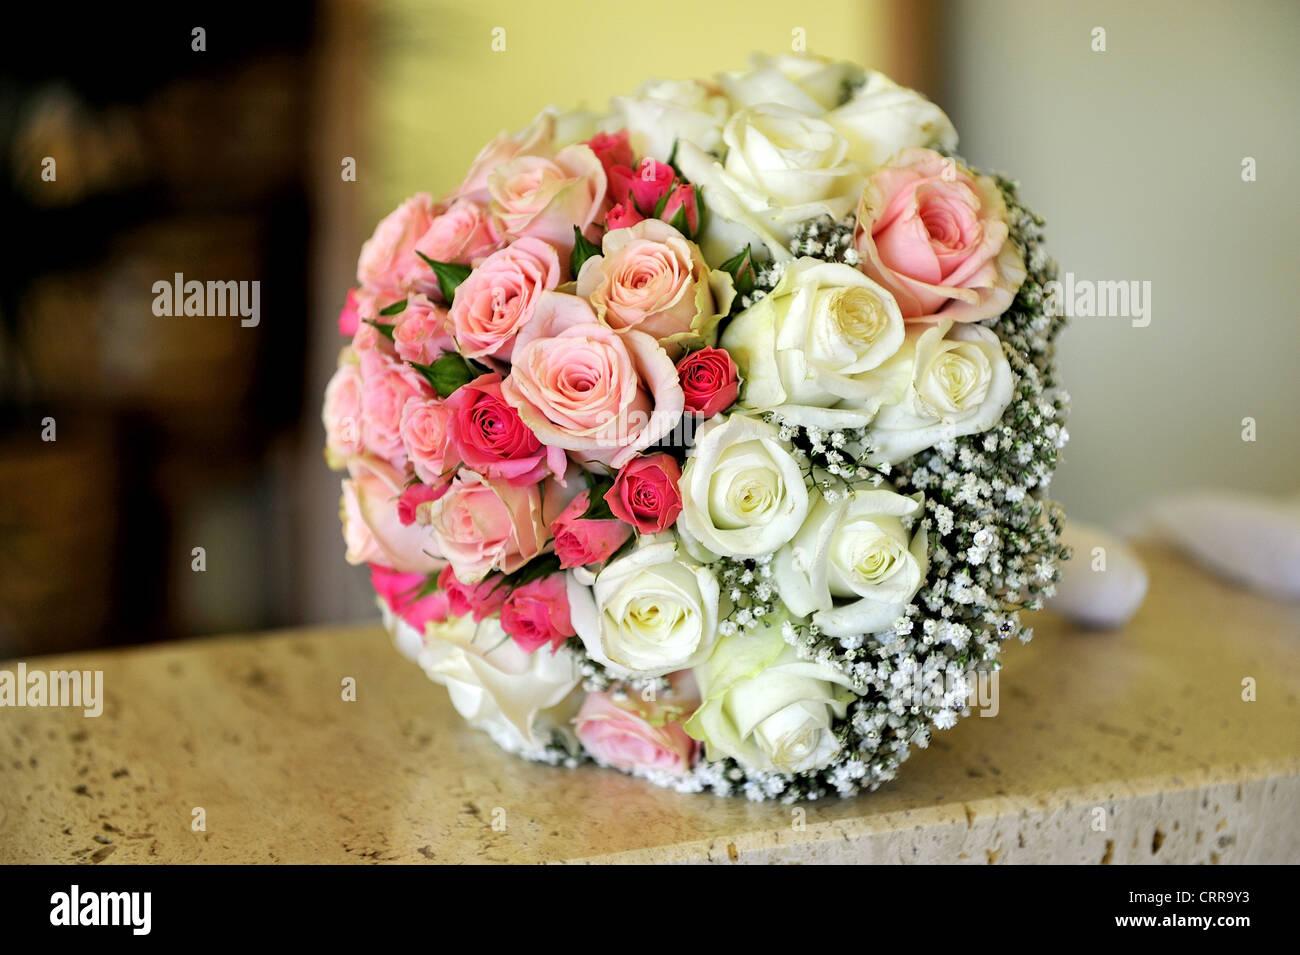 beauty, bouquet, bridal, celebration, flowers, roses, wedding - Stock Image